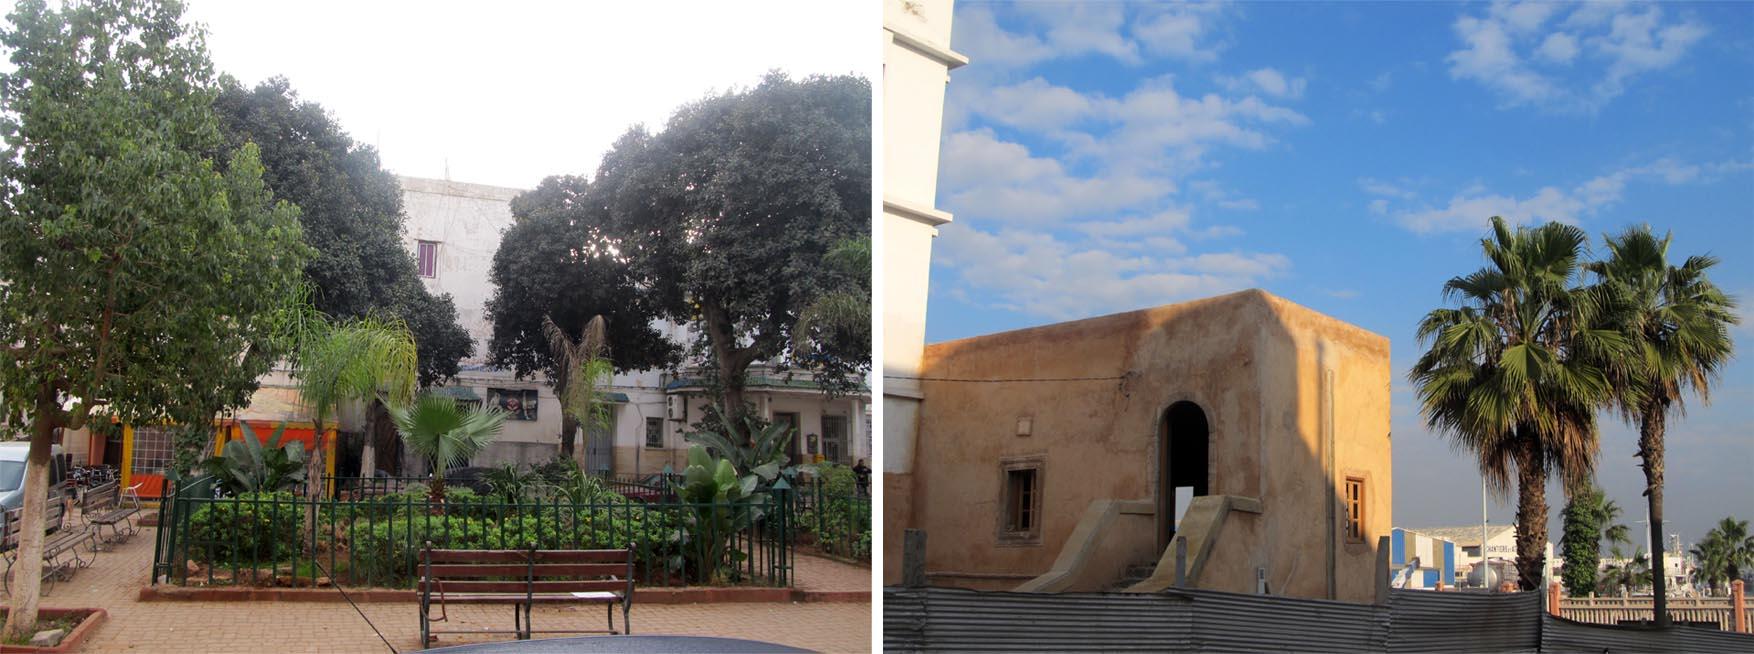 33 maroko kazablanka medina ispred hostela